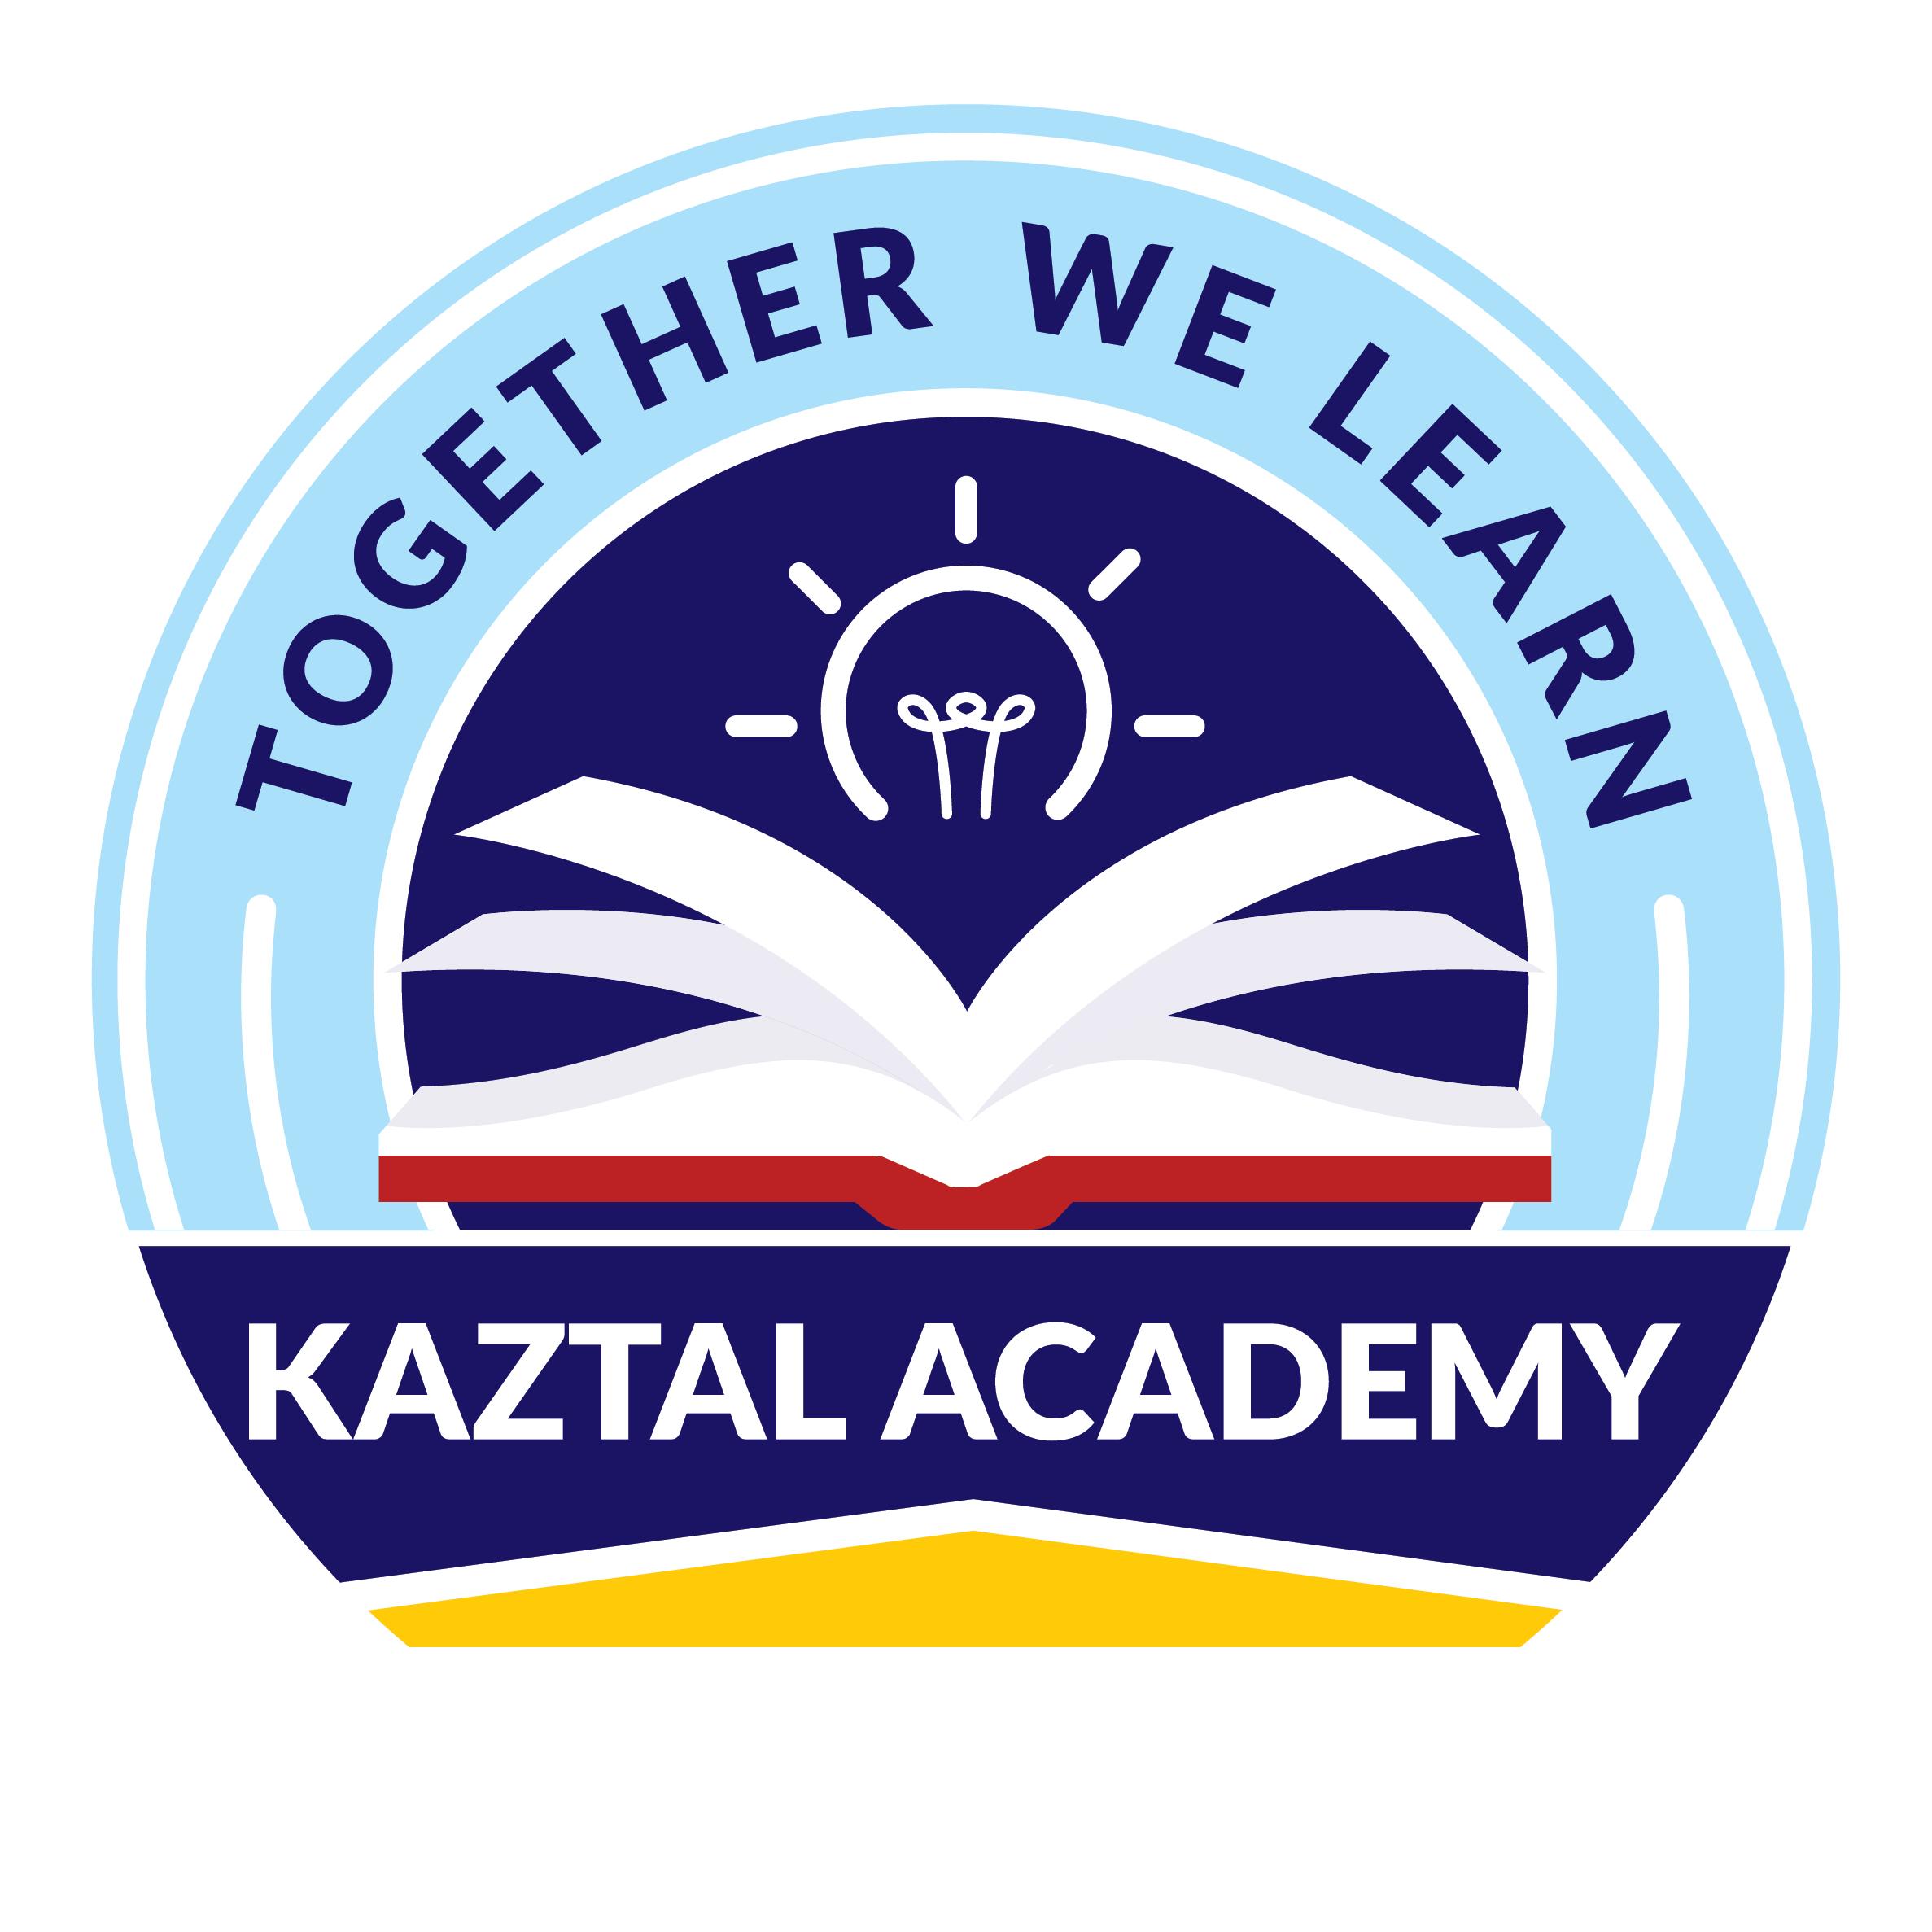 Kaztal Academy